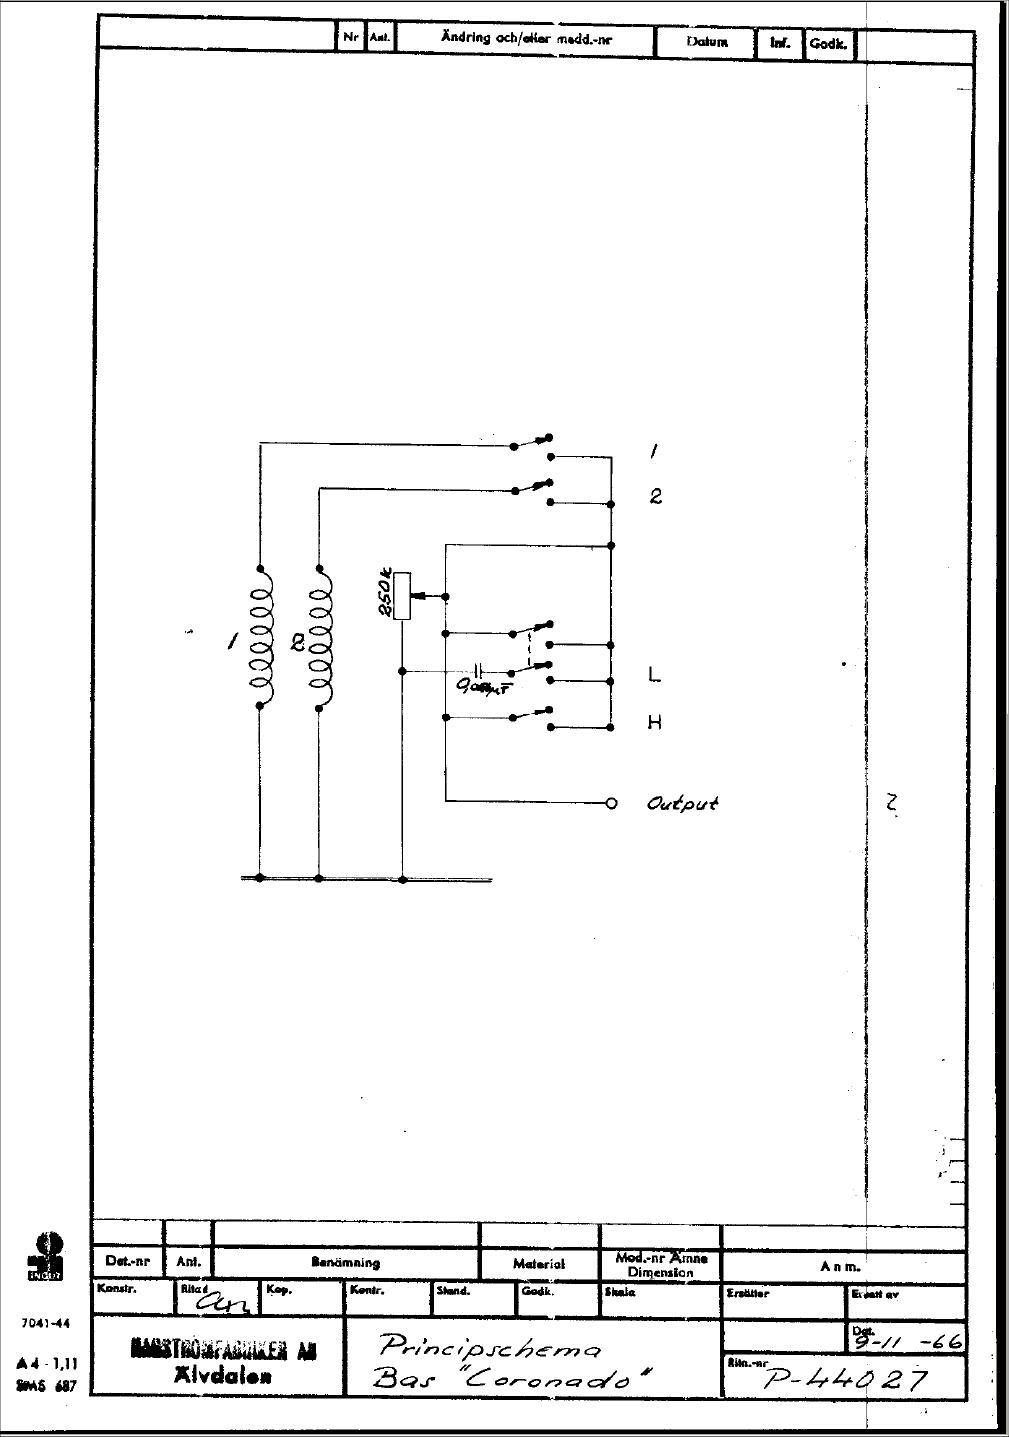 schemat /Przystawki2/Hagstrom Coronado-1966.jpg